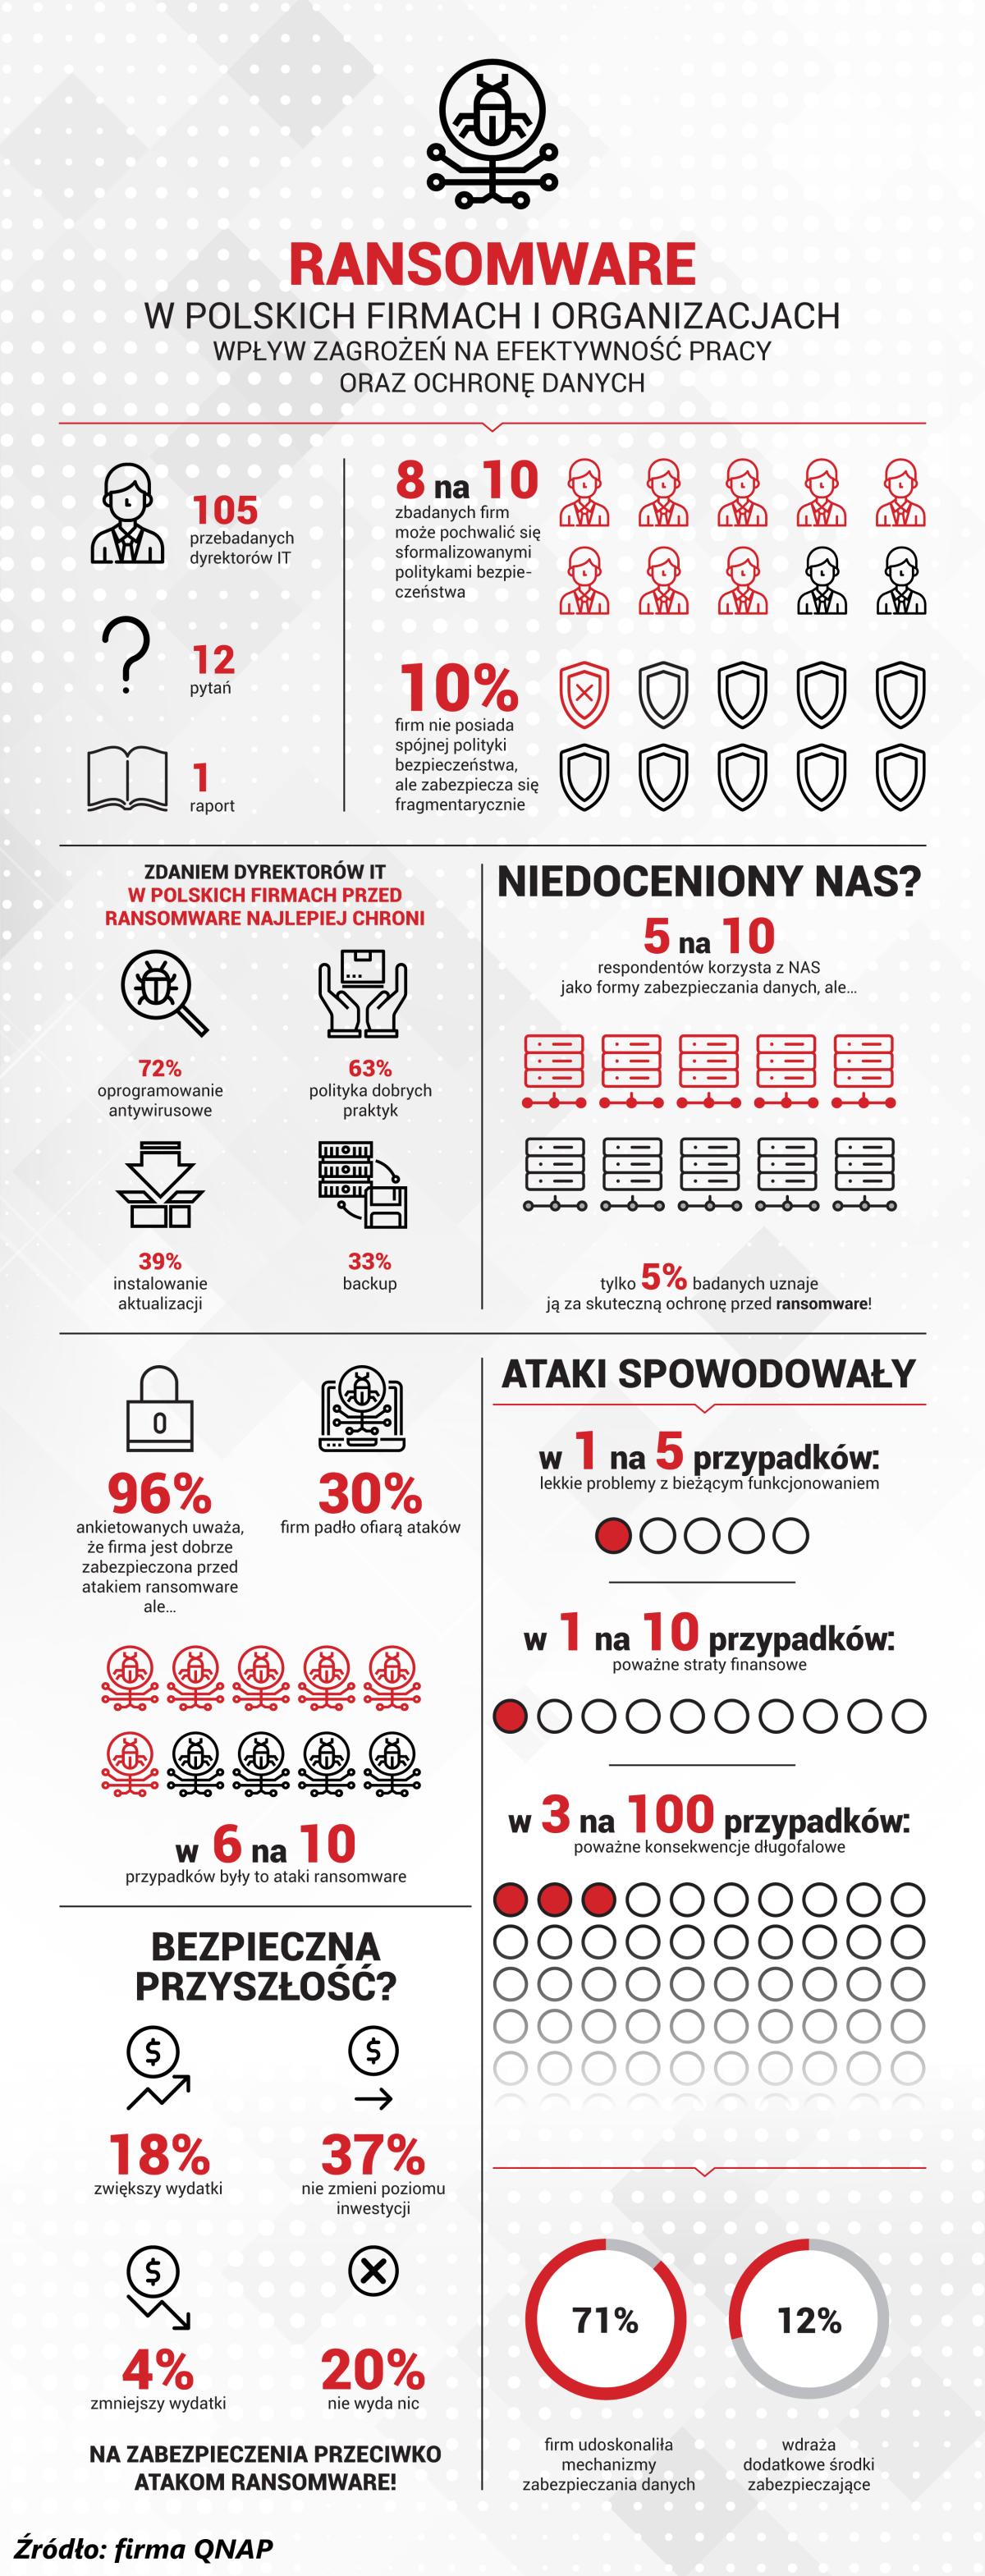 Źródło:https://www.backupacademy.pl/ransomware-w-perspektywie-polityk-bezpieczenstwa-it/